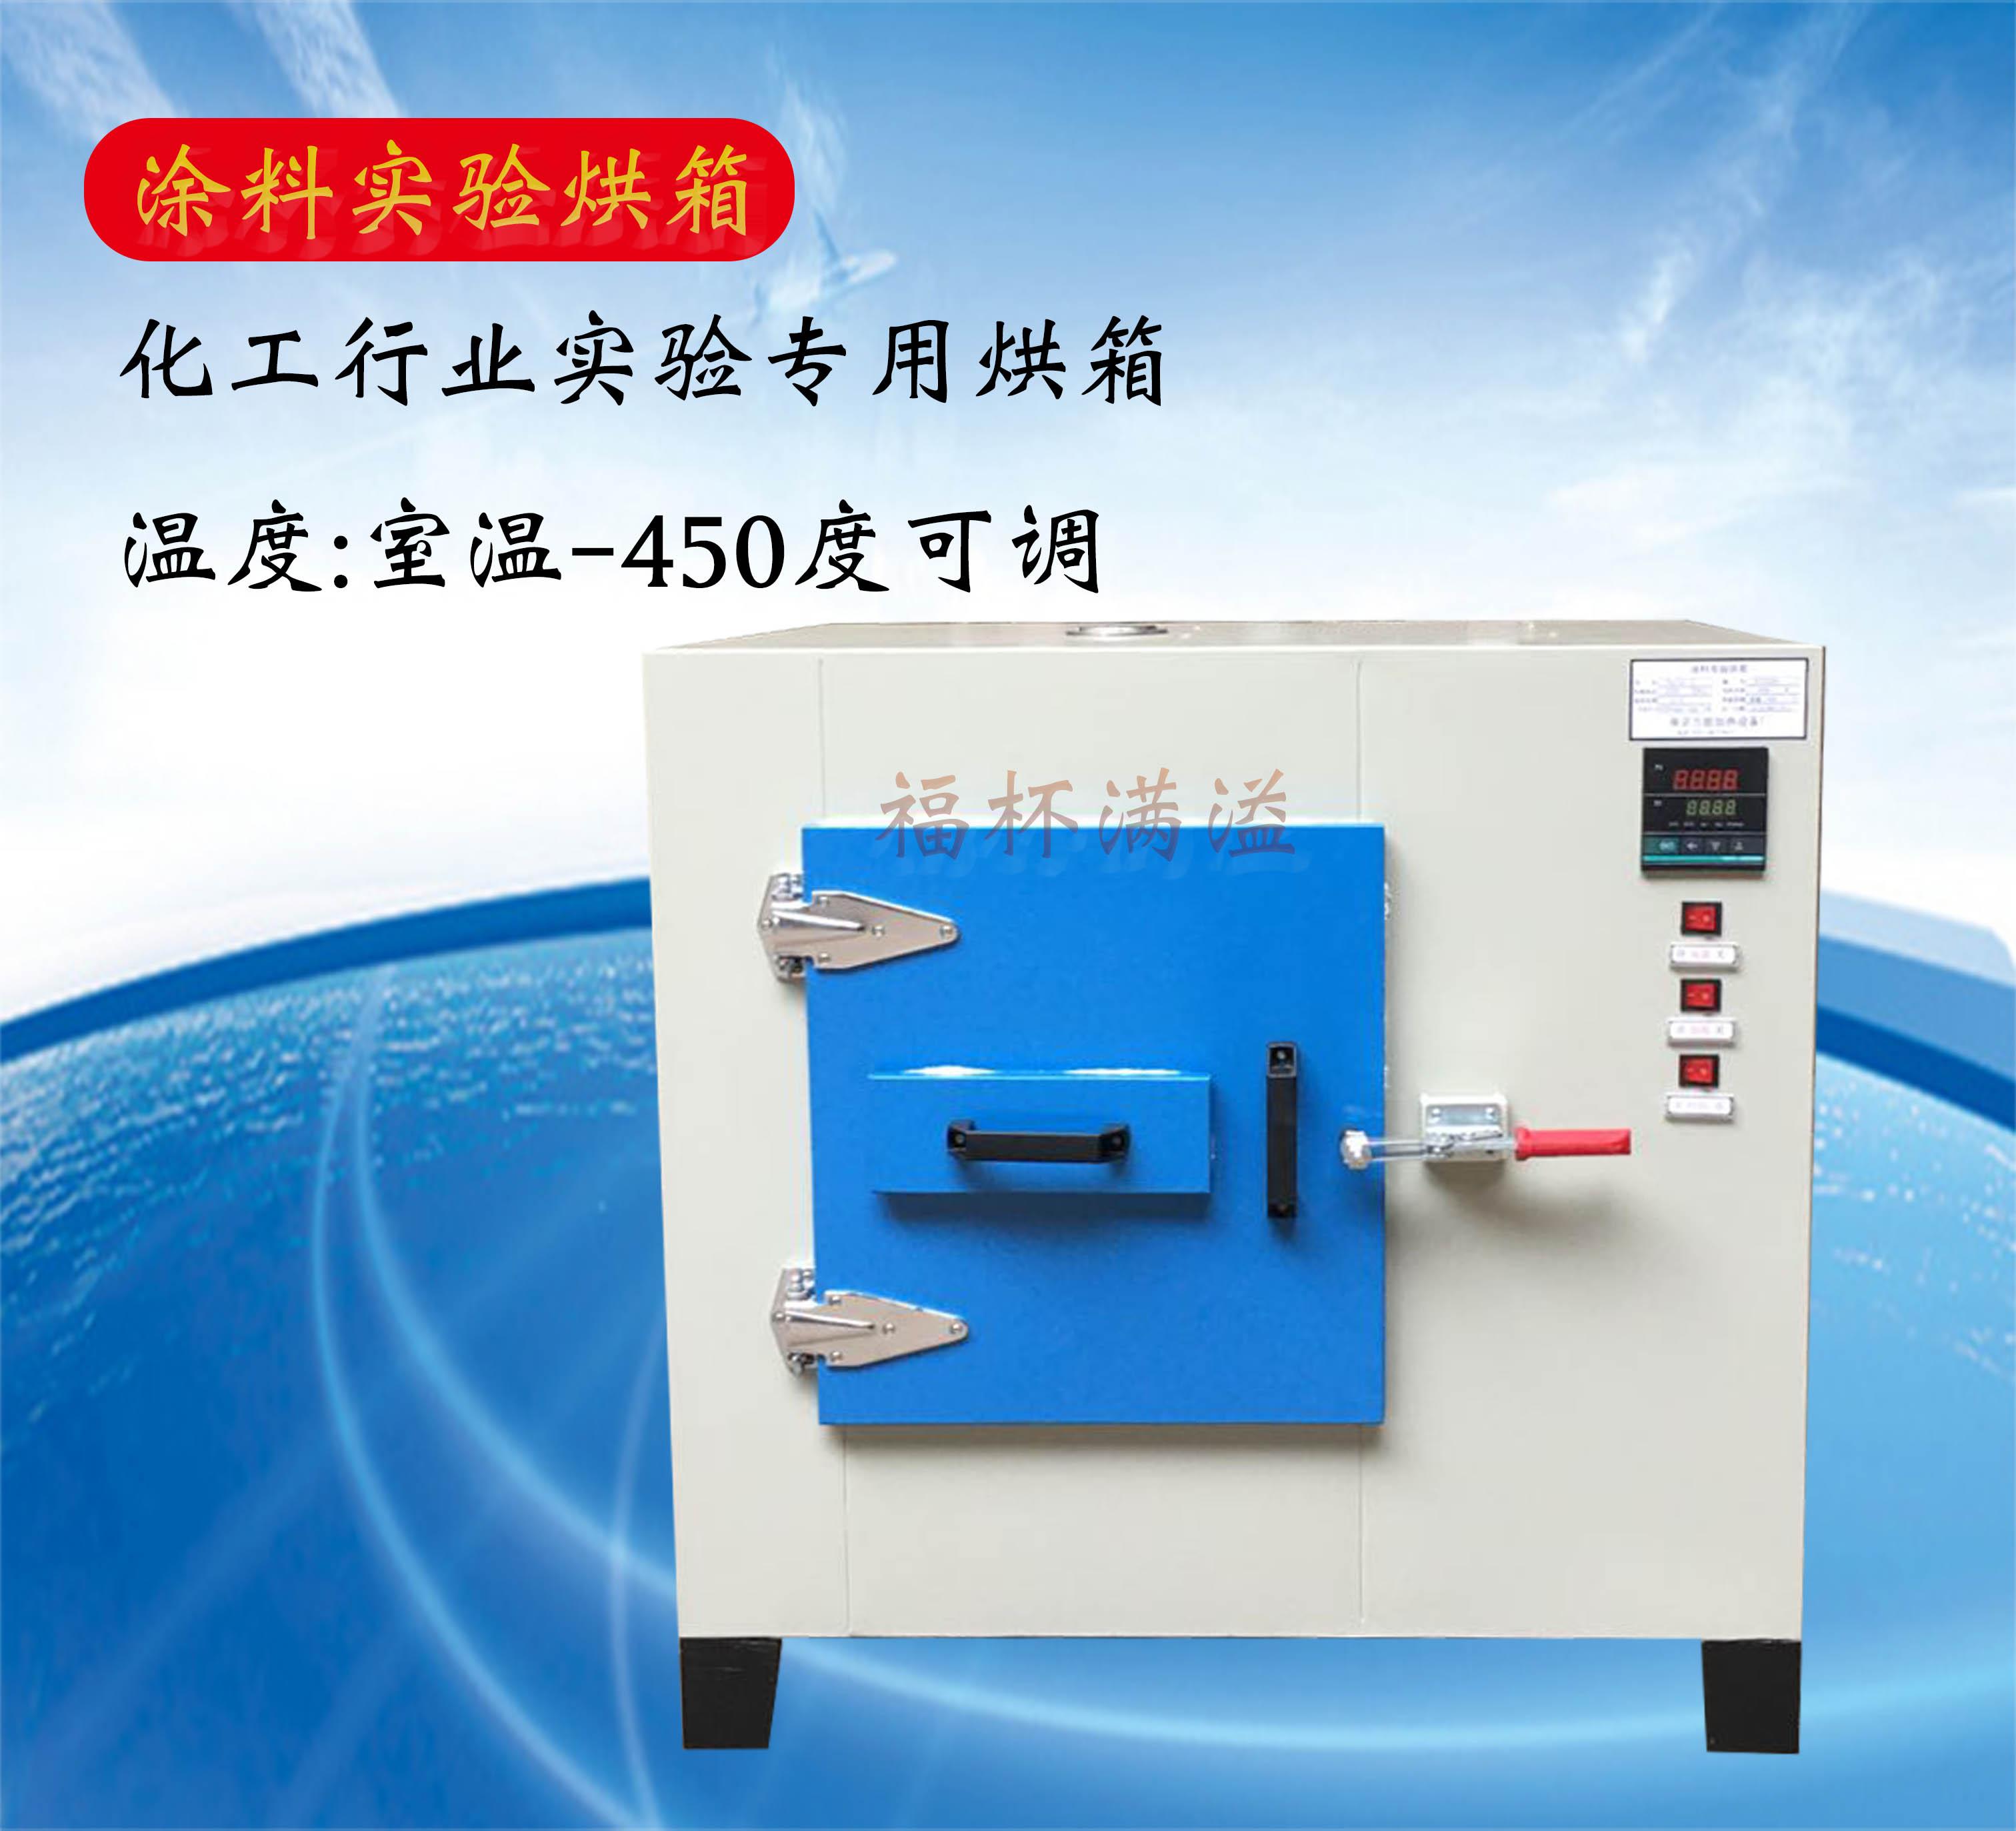 天津实验烘箱 试验烘干箱 库存充足 用得省心